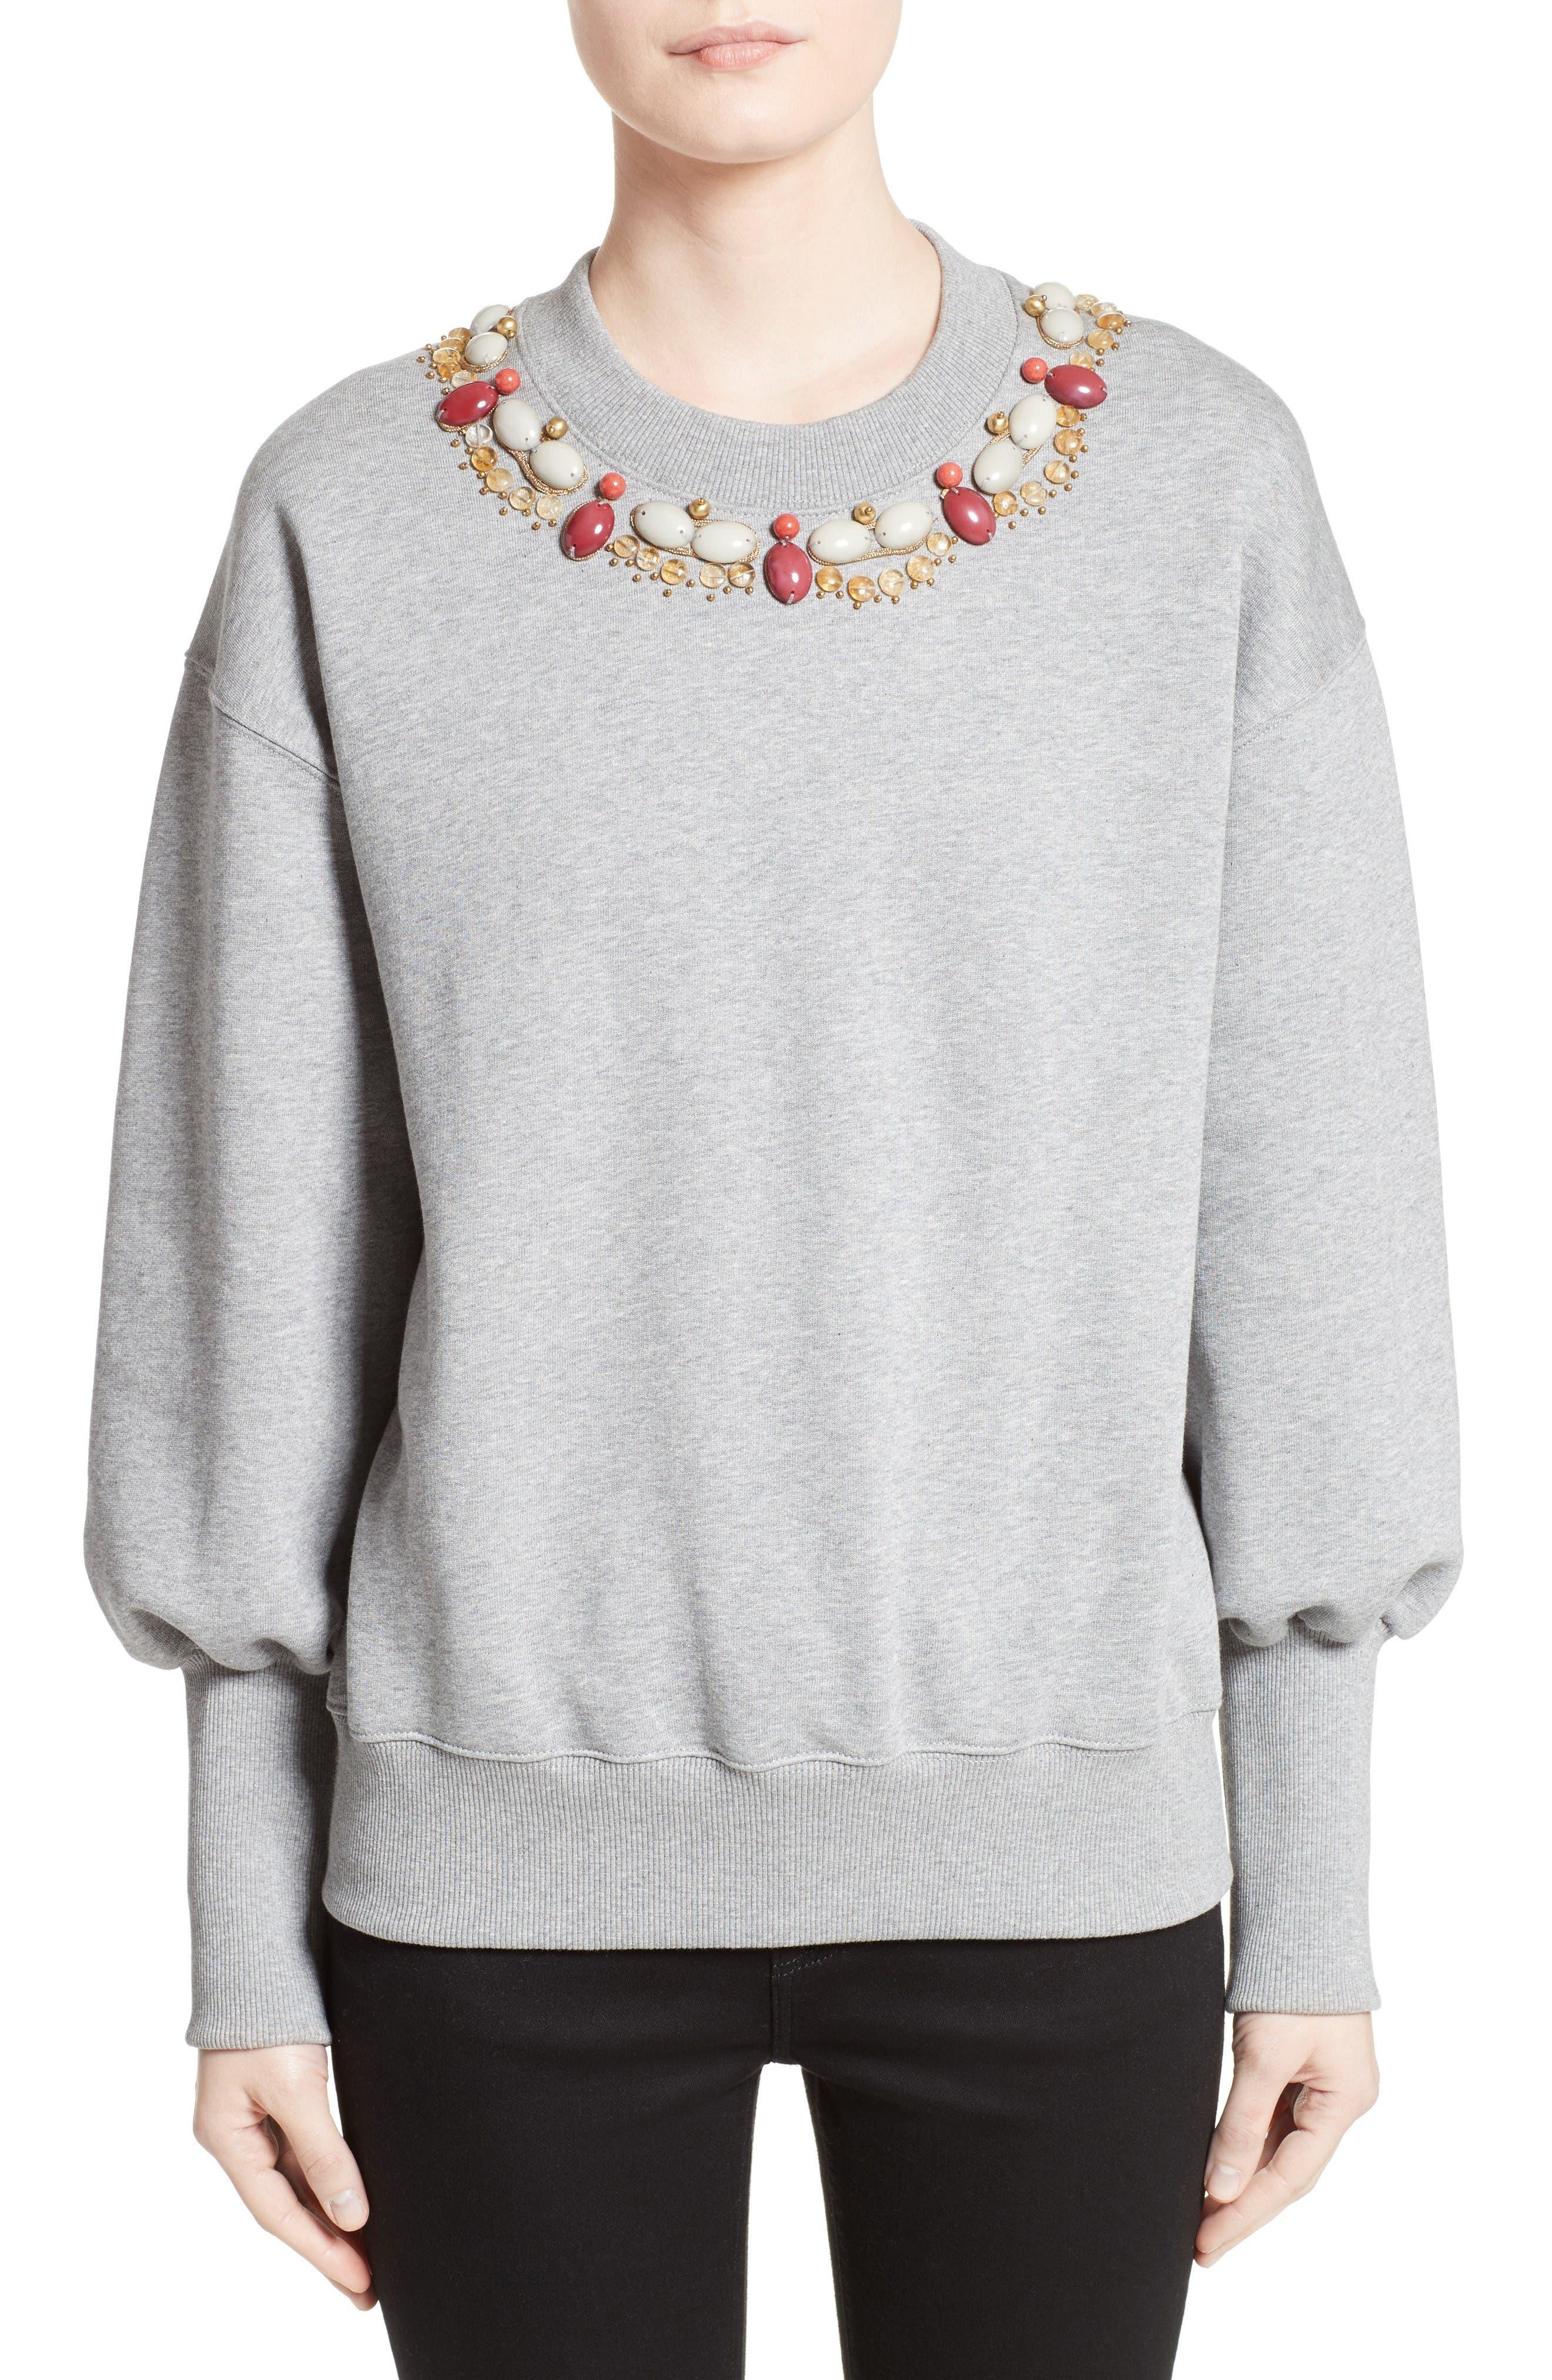 Alternate Image 1 Selected - Burberry Juliano Embellished Sweatshirt